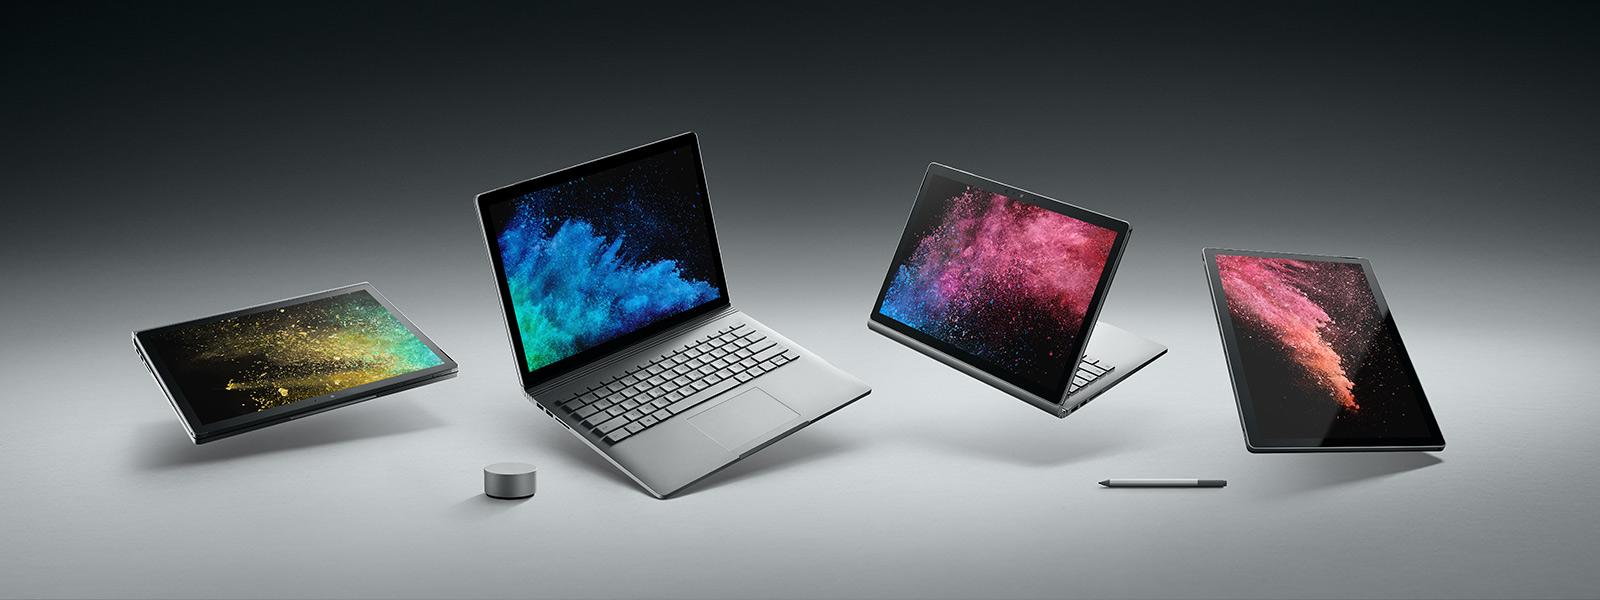 Présentation de Surface Book 2 dans différents modes, avec Surface Dial et le stylet Surface.